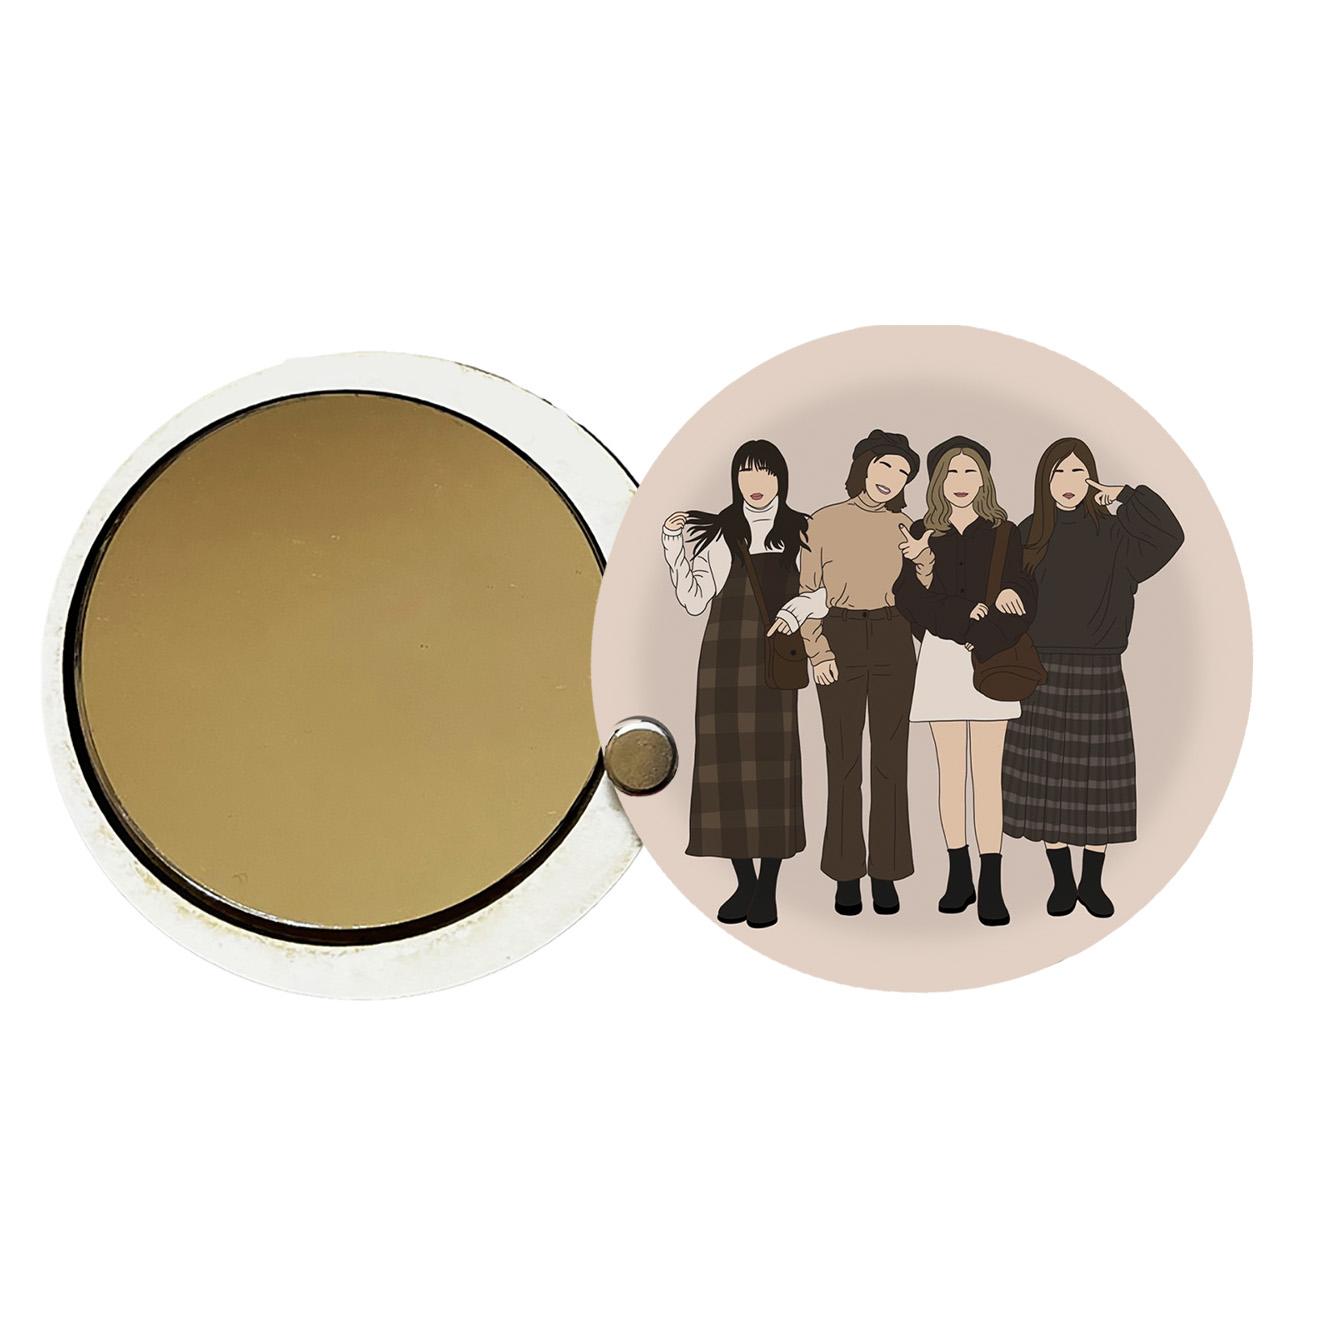 آینه جیبی طرح دخترانه کد ay67